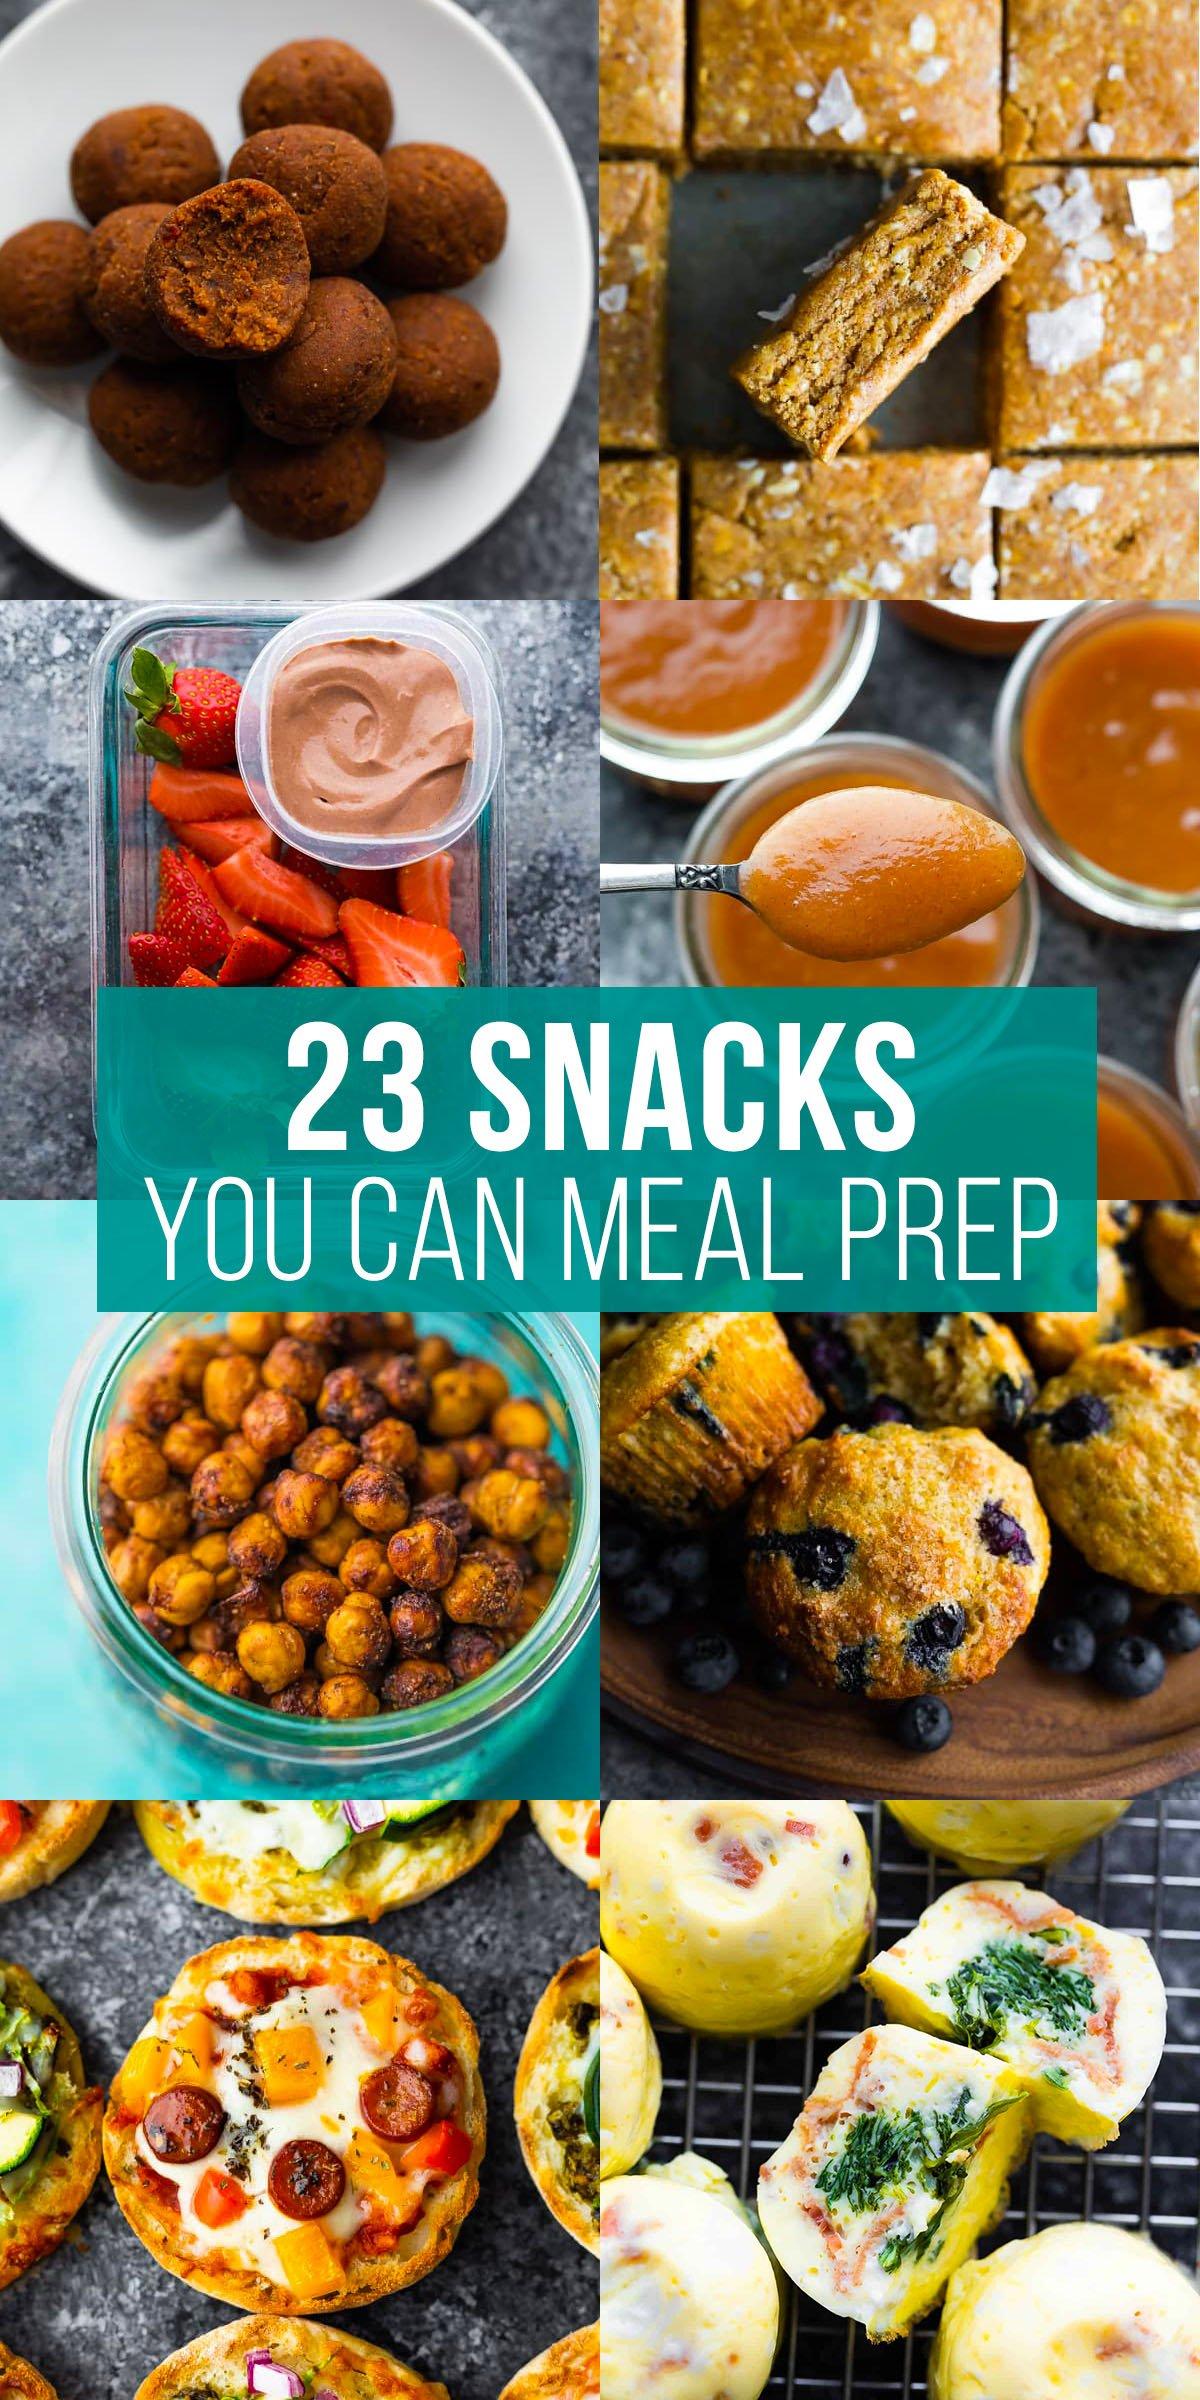 23 atıştırmalık yemek hazırlayabileceğinizi söyleyen kolaj resmi